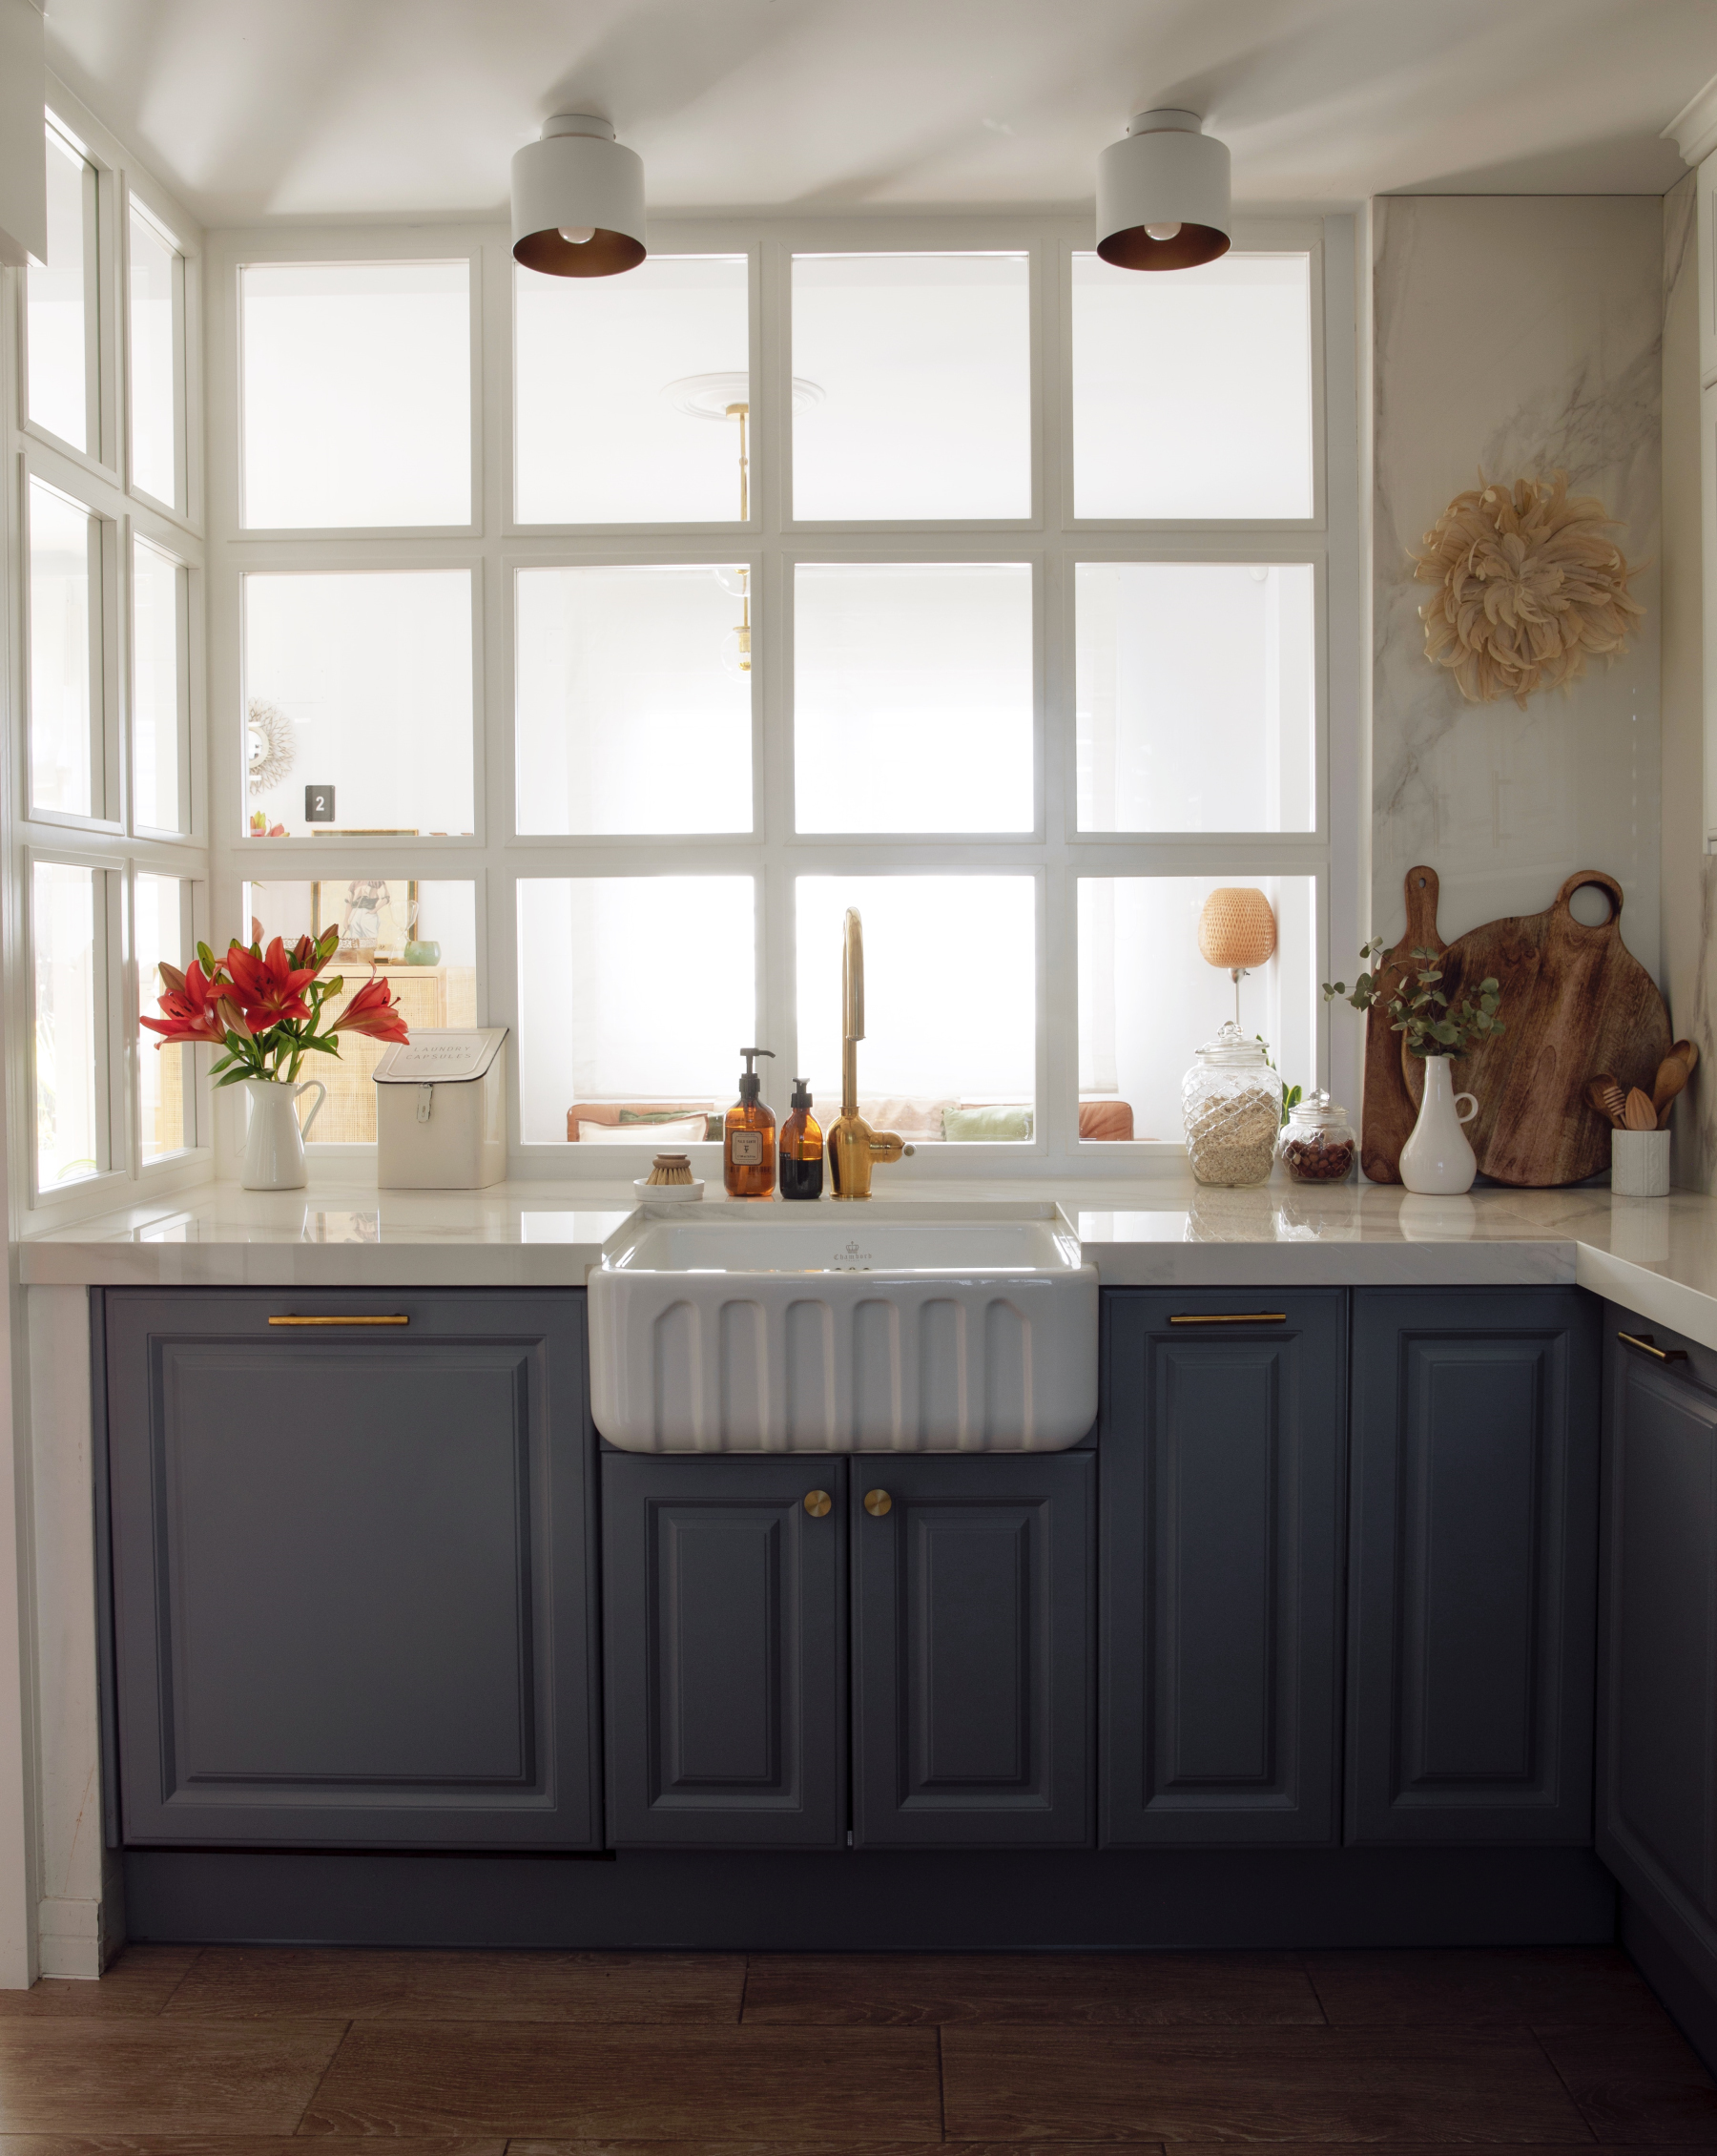 La cocina está totalmente renovada: abierta pero acristalada y amueblada con aire de granja.